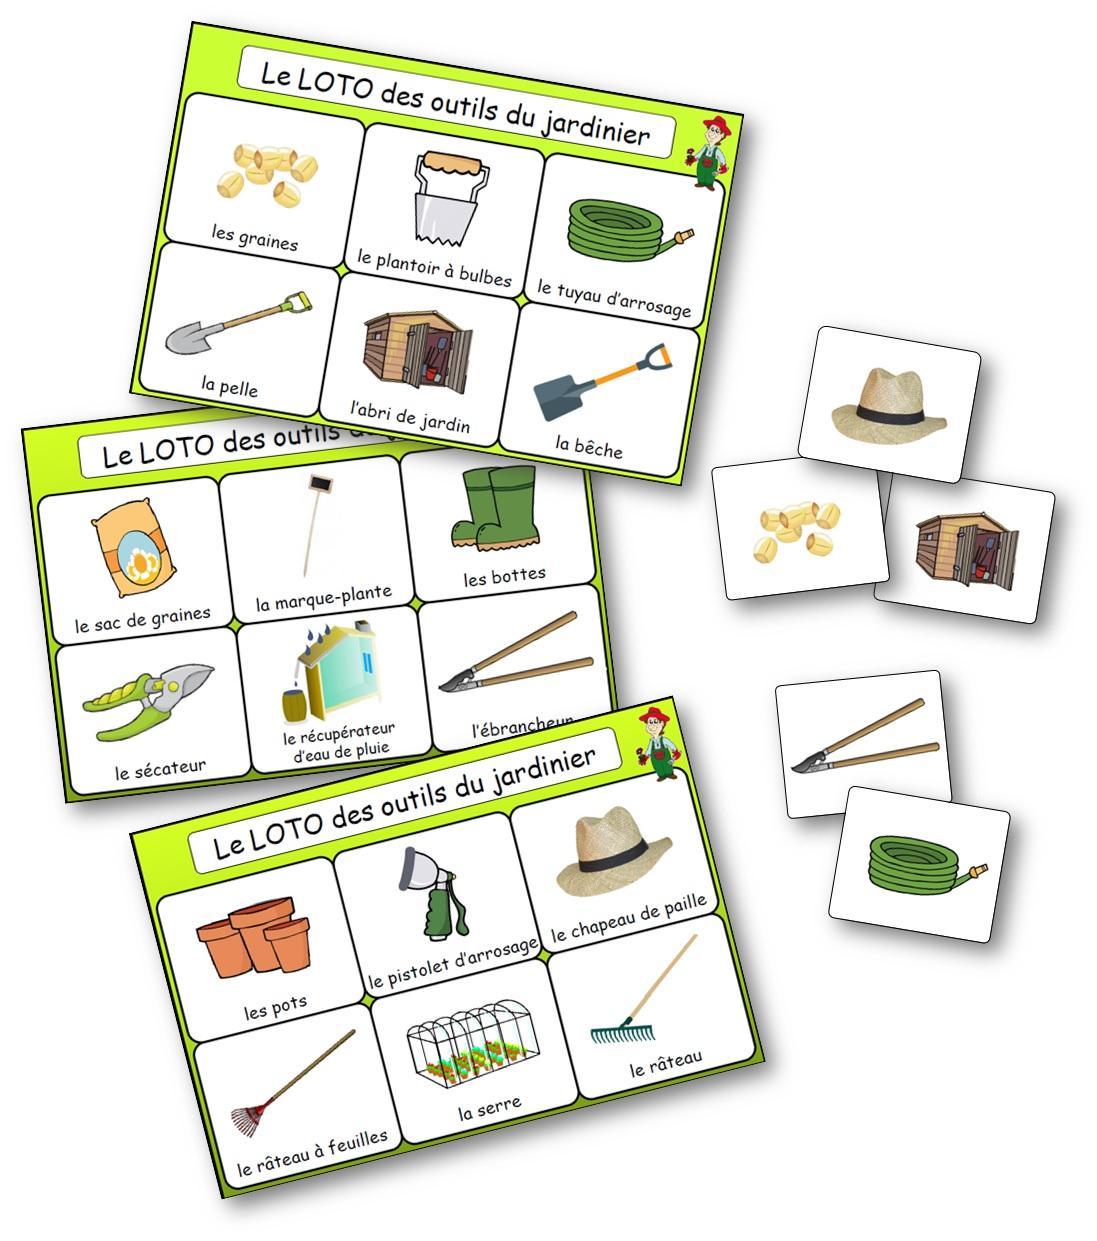 loto des outils du jardinier, jeu autour du vocabulaire du jardin, loto outils du jardinier